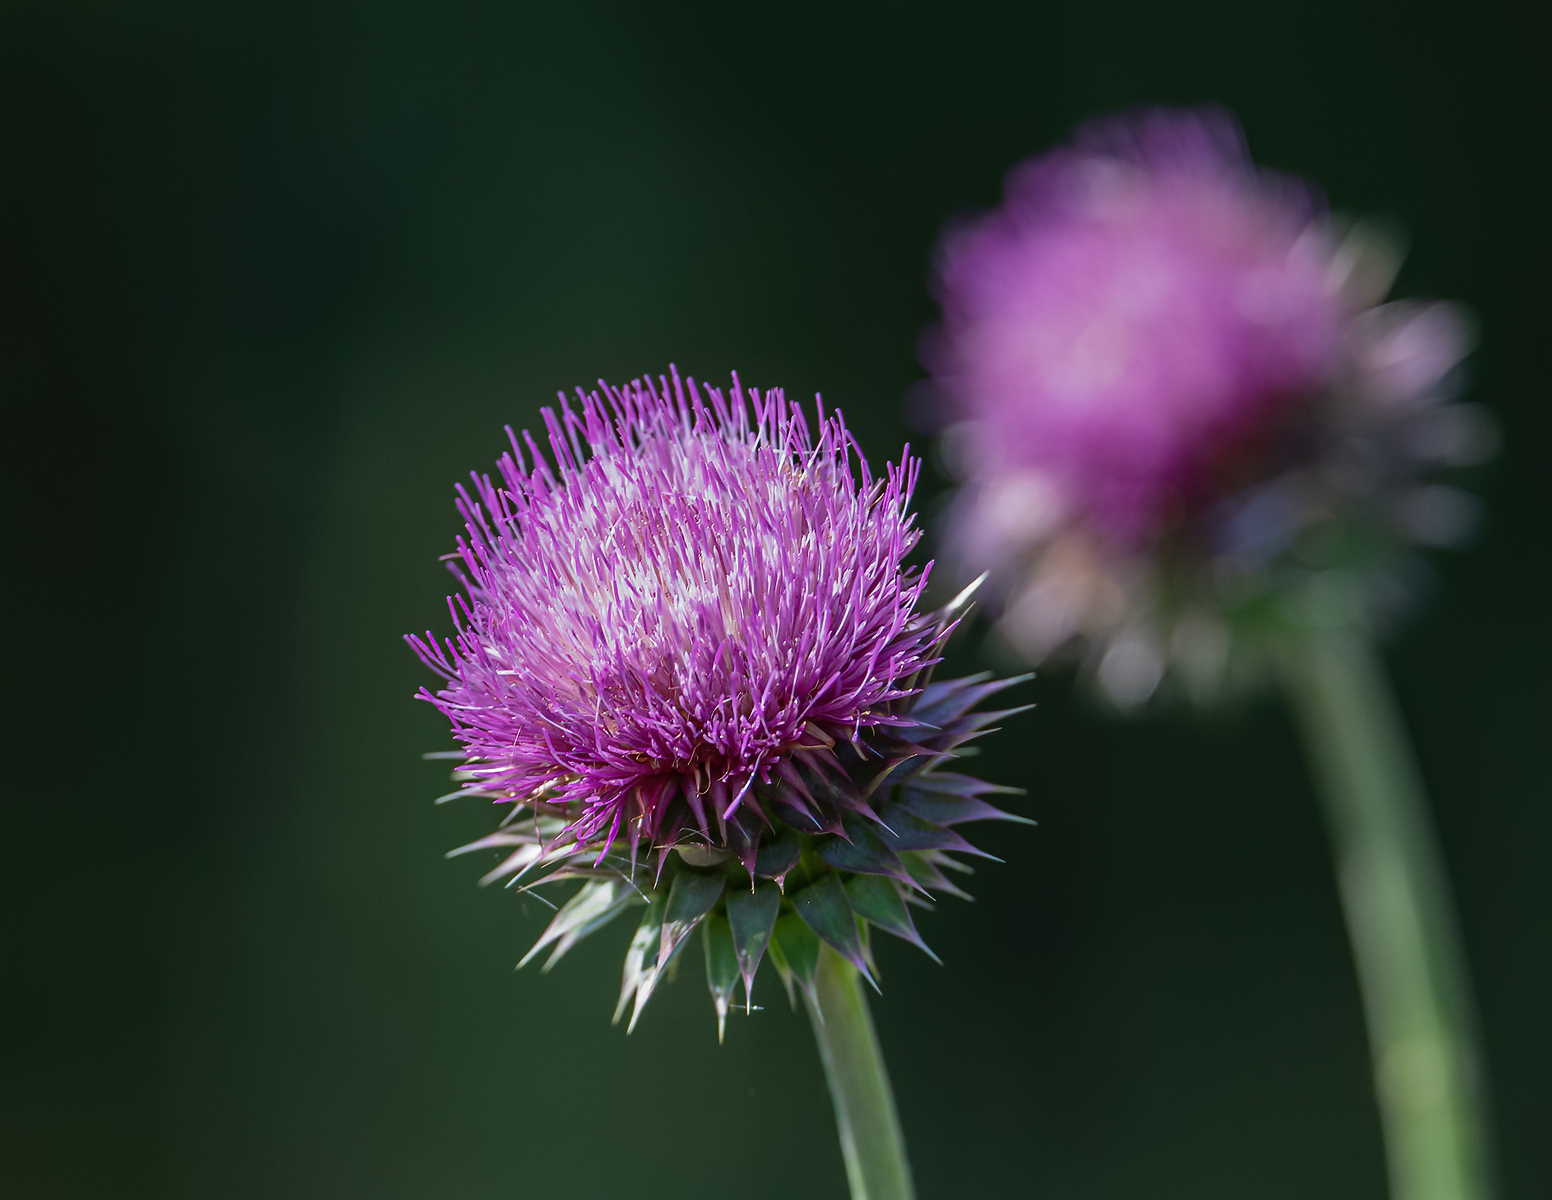 IMAGE: https://photos.smugmug.com/Trips/S-Llano-River-State-Park-June-2021/i-cWWXbTf/0/ef515f39/X3/Flowers_9_6-2021-6-X3.jpg